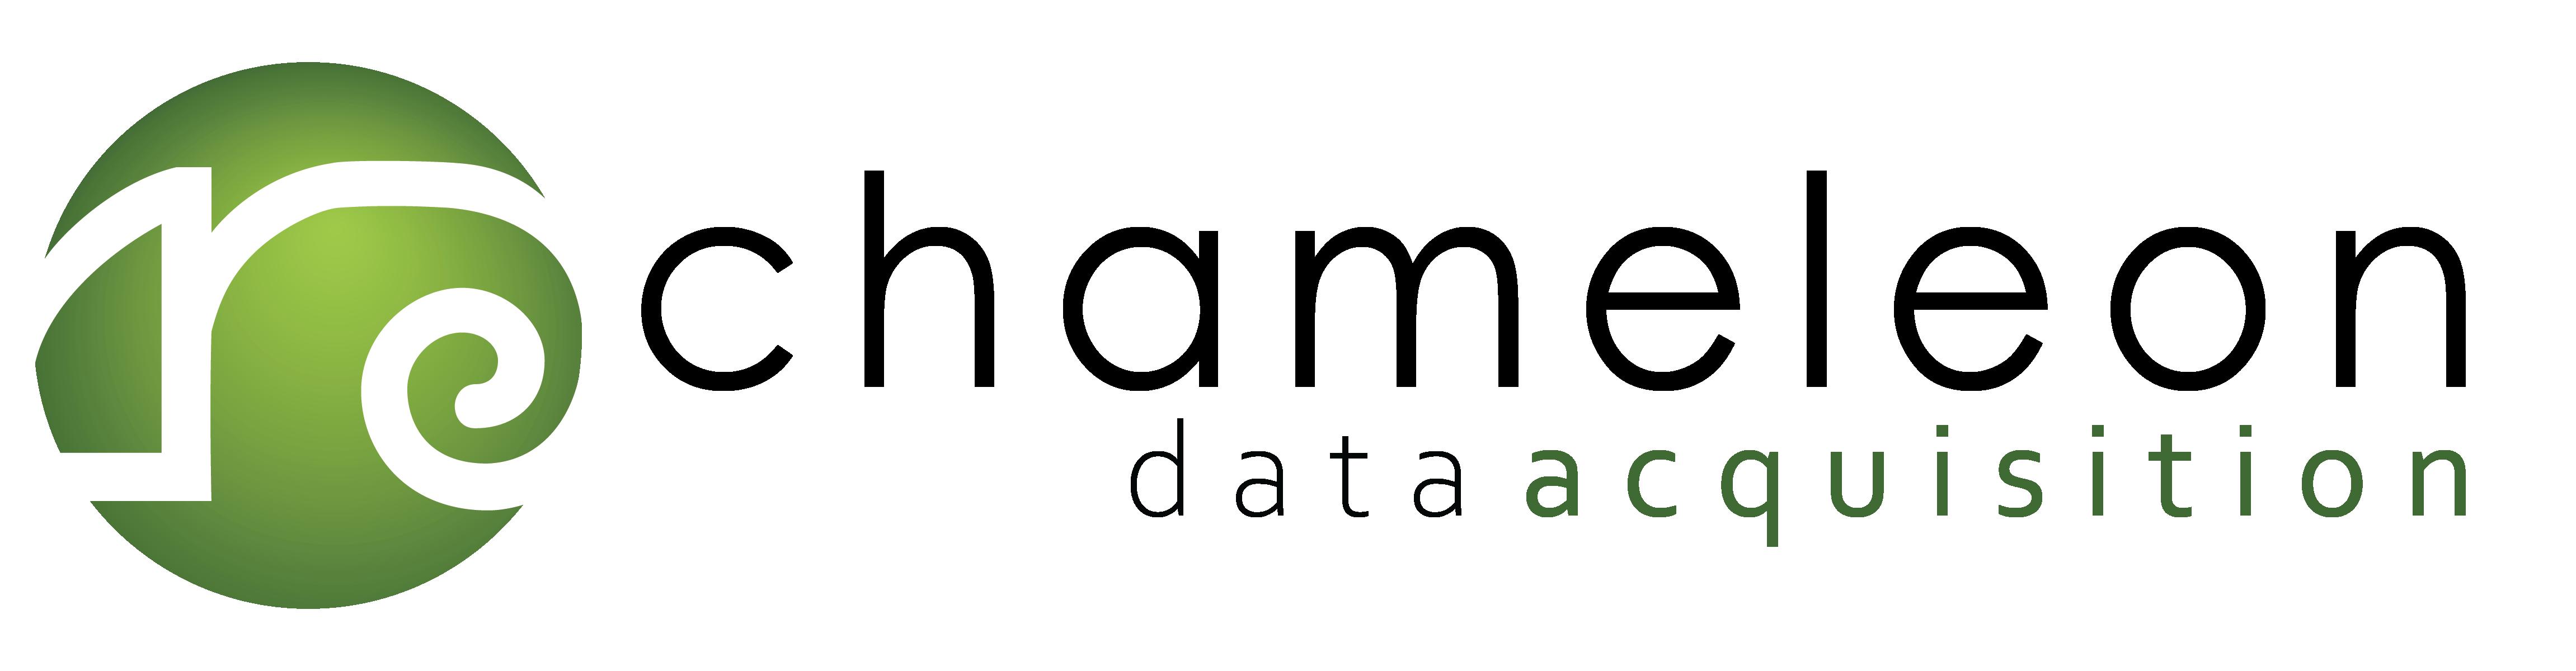 Chameleon Data Acquisition